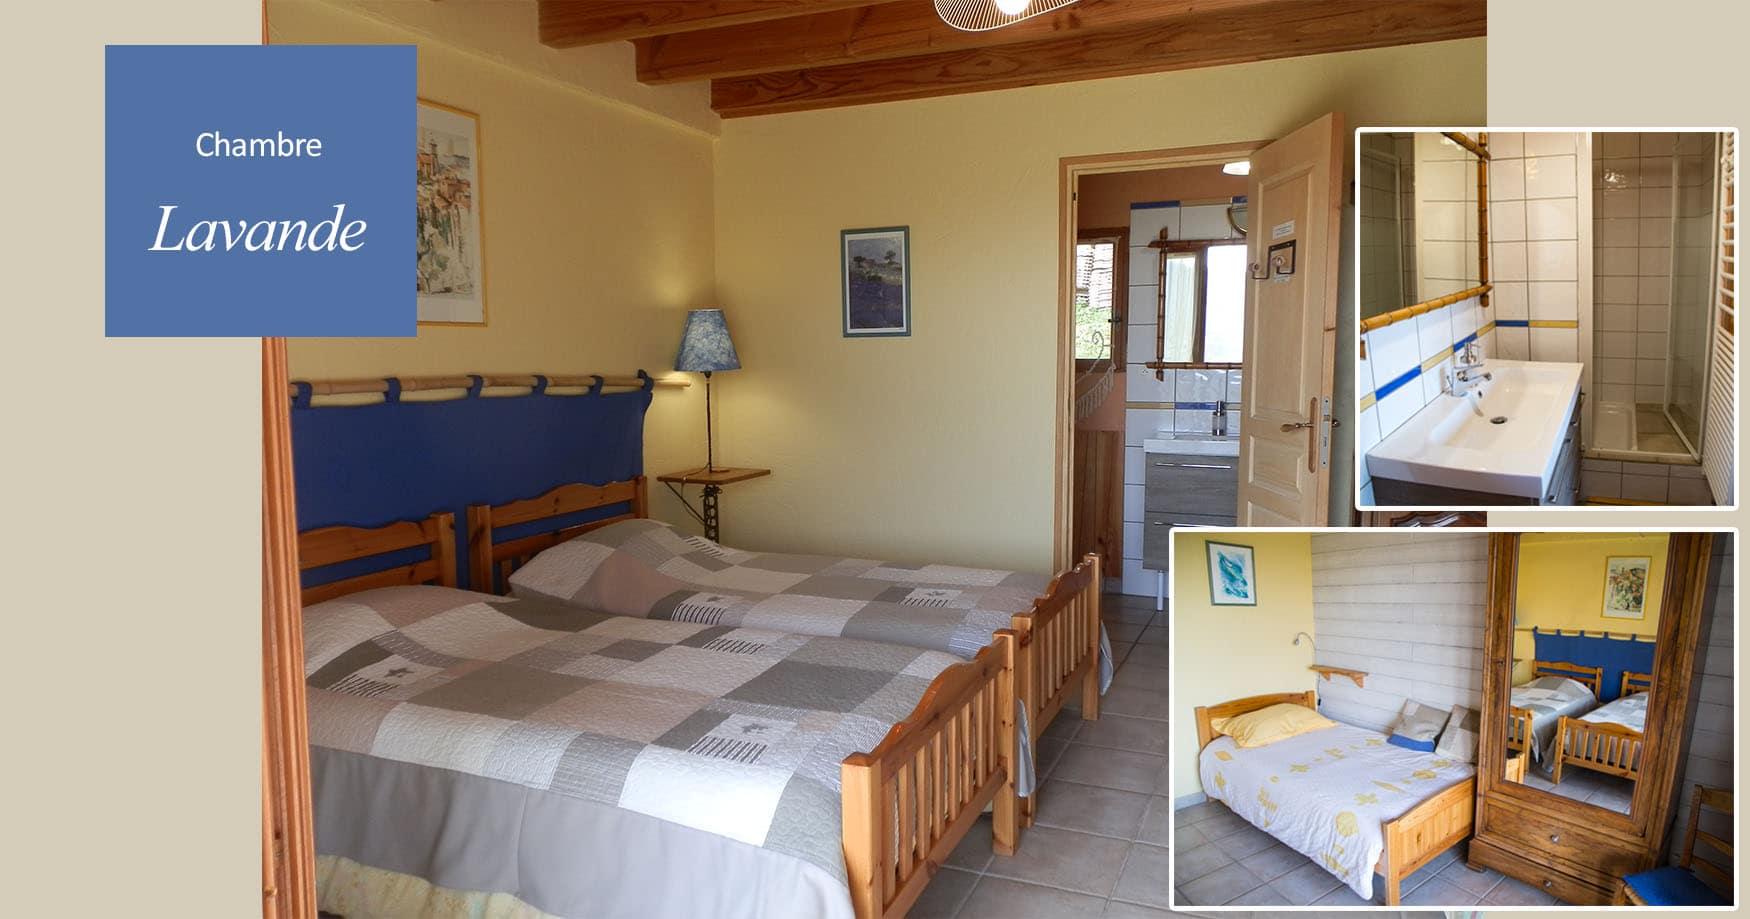 Lavande - Le Raisin Bleu - casa rural de vacaciones en Beaujolais